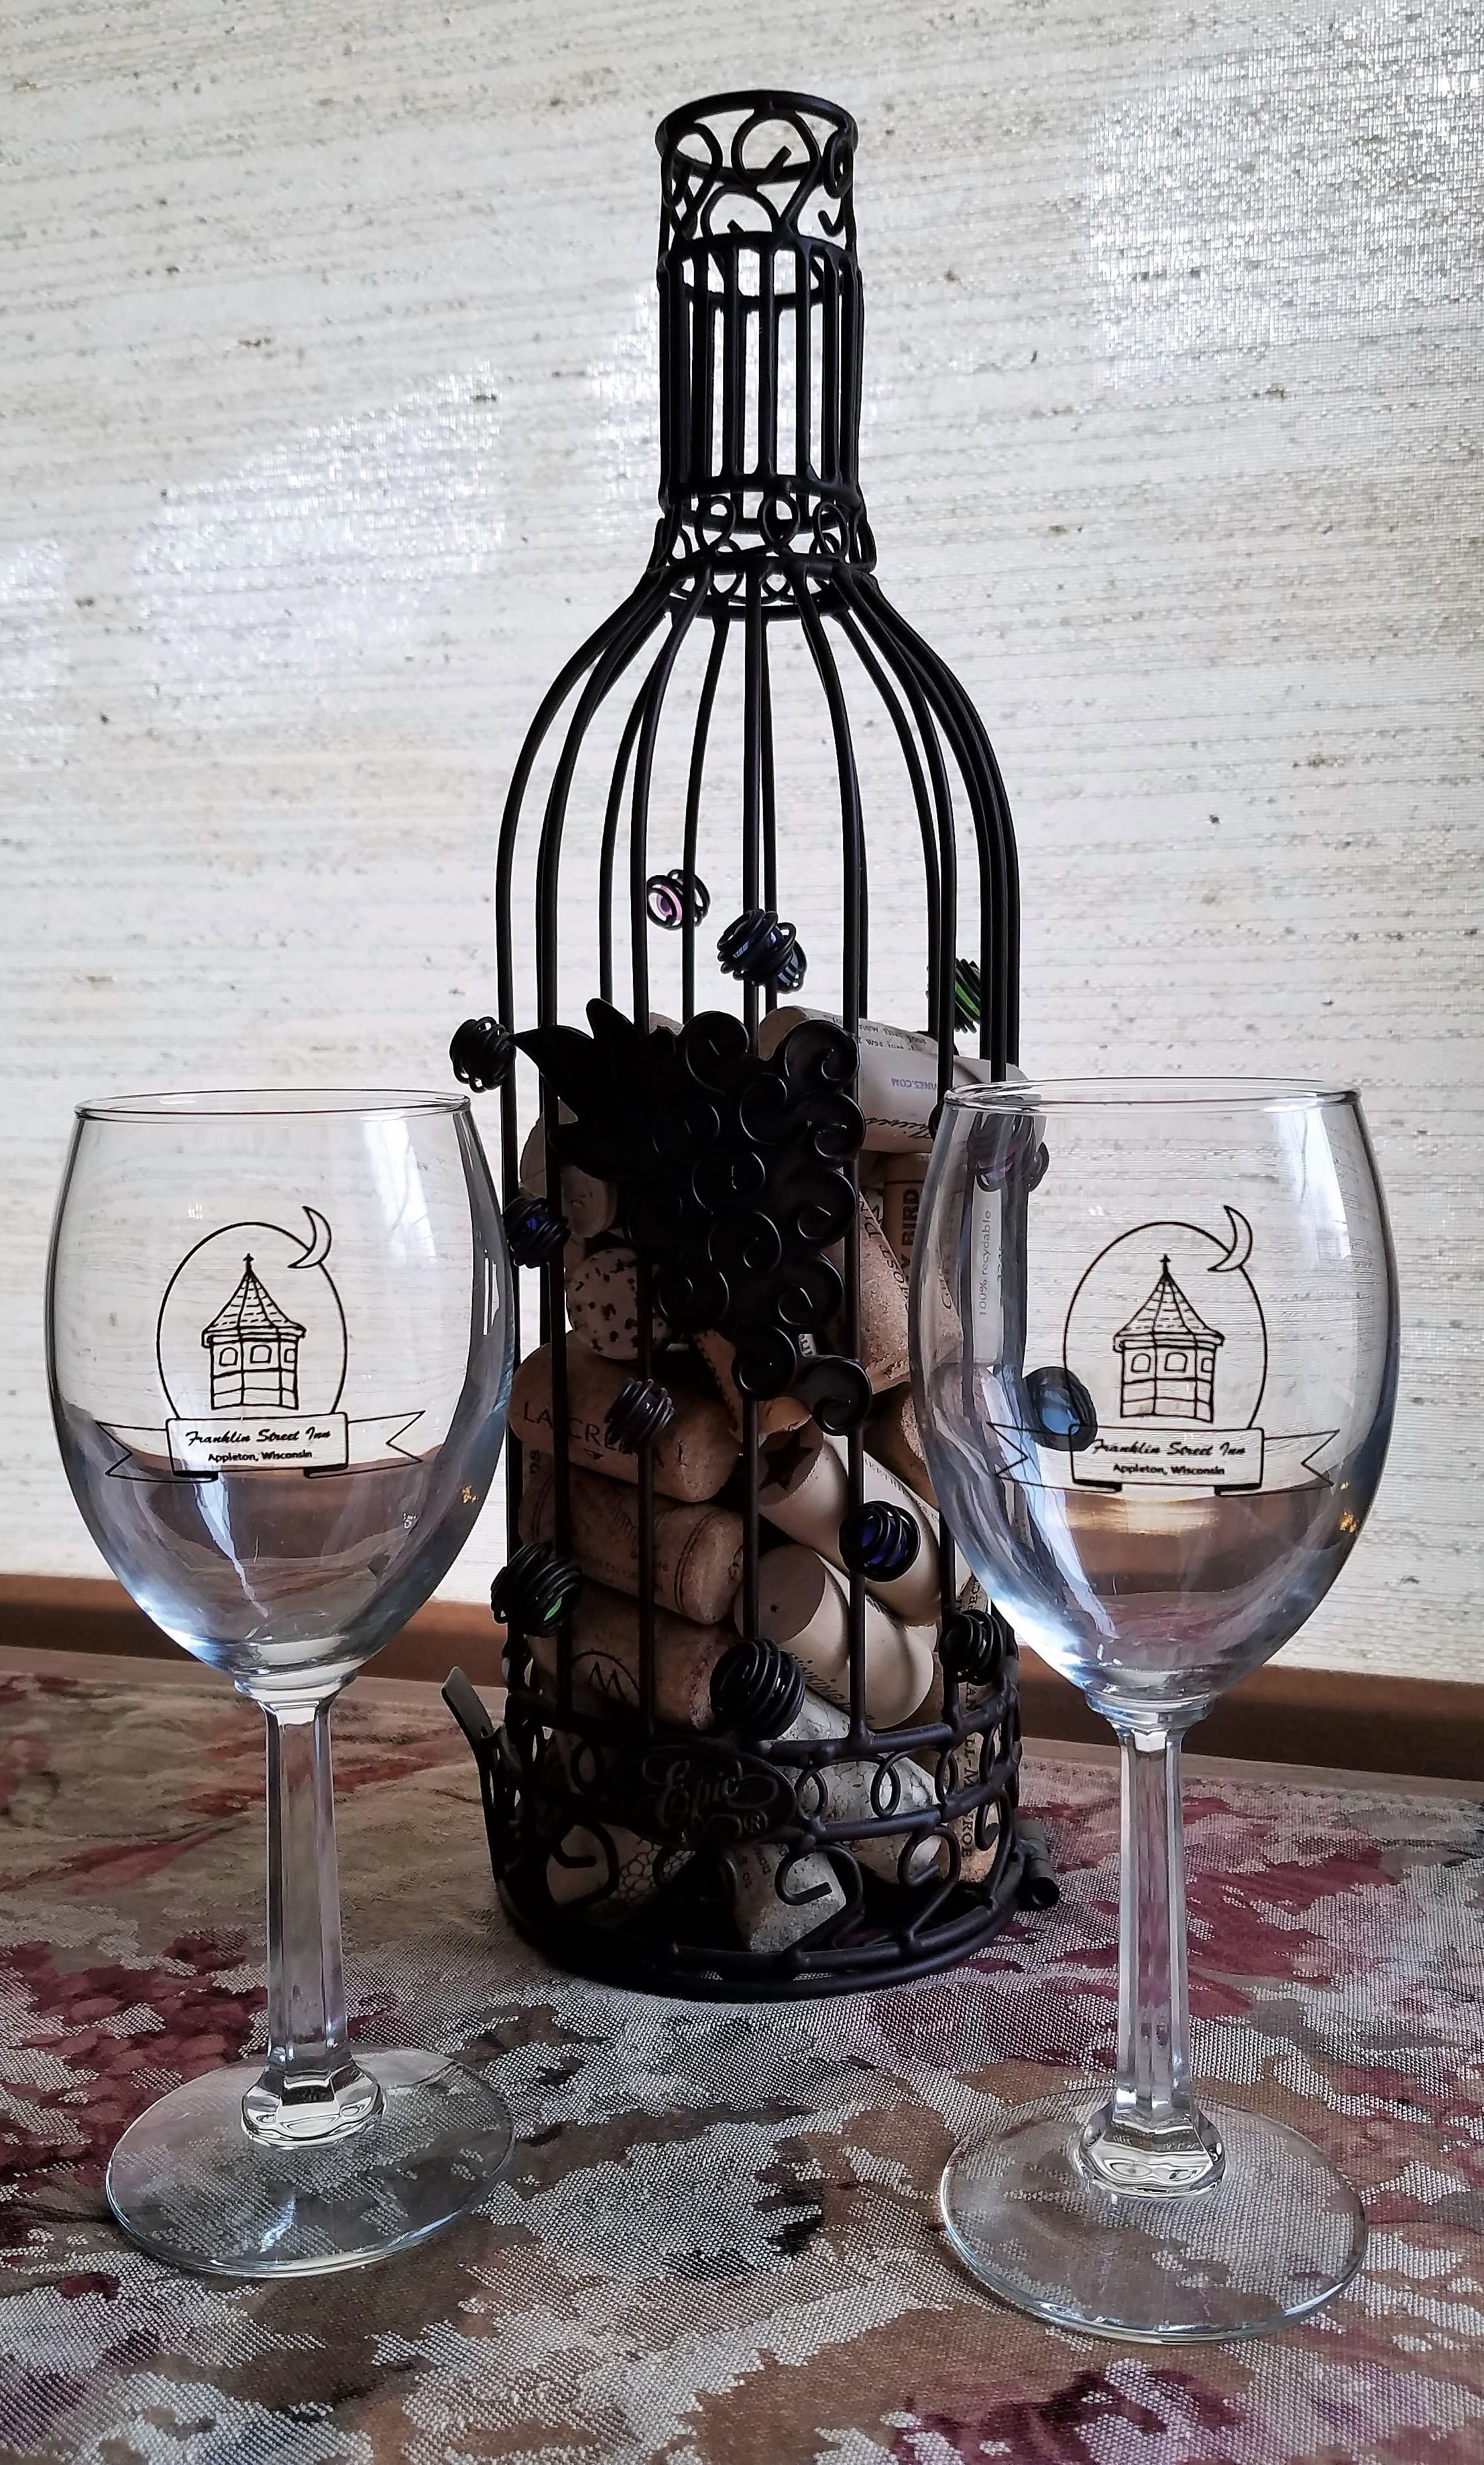 Franklin Street Inn logo wine glasses